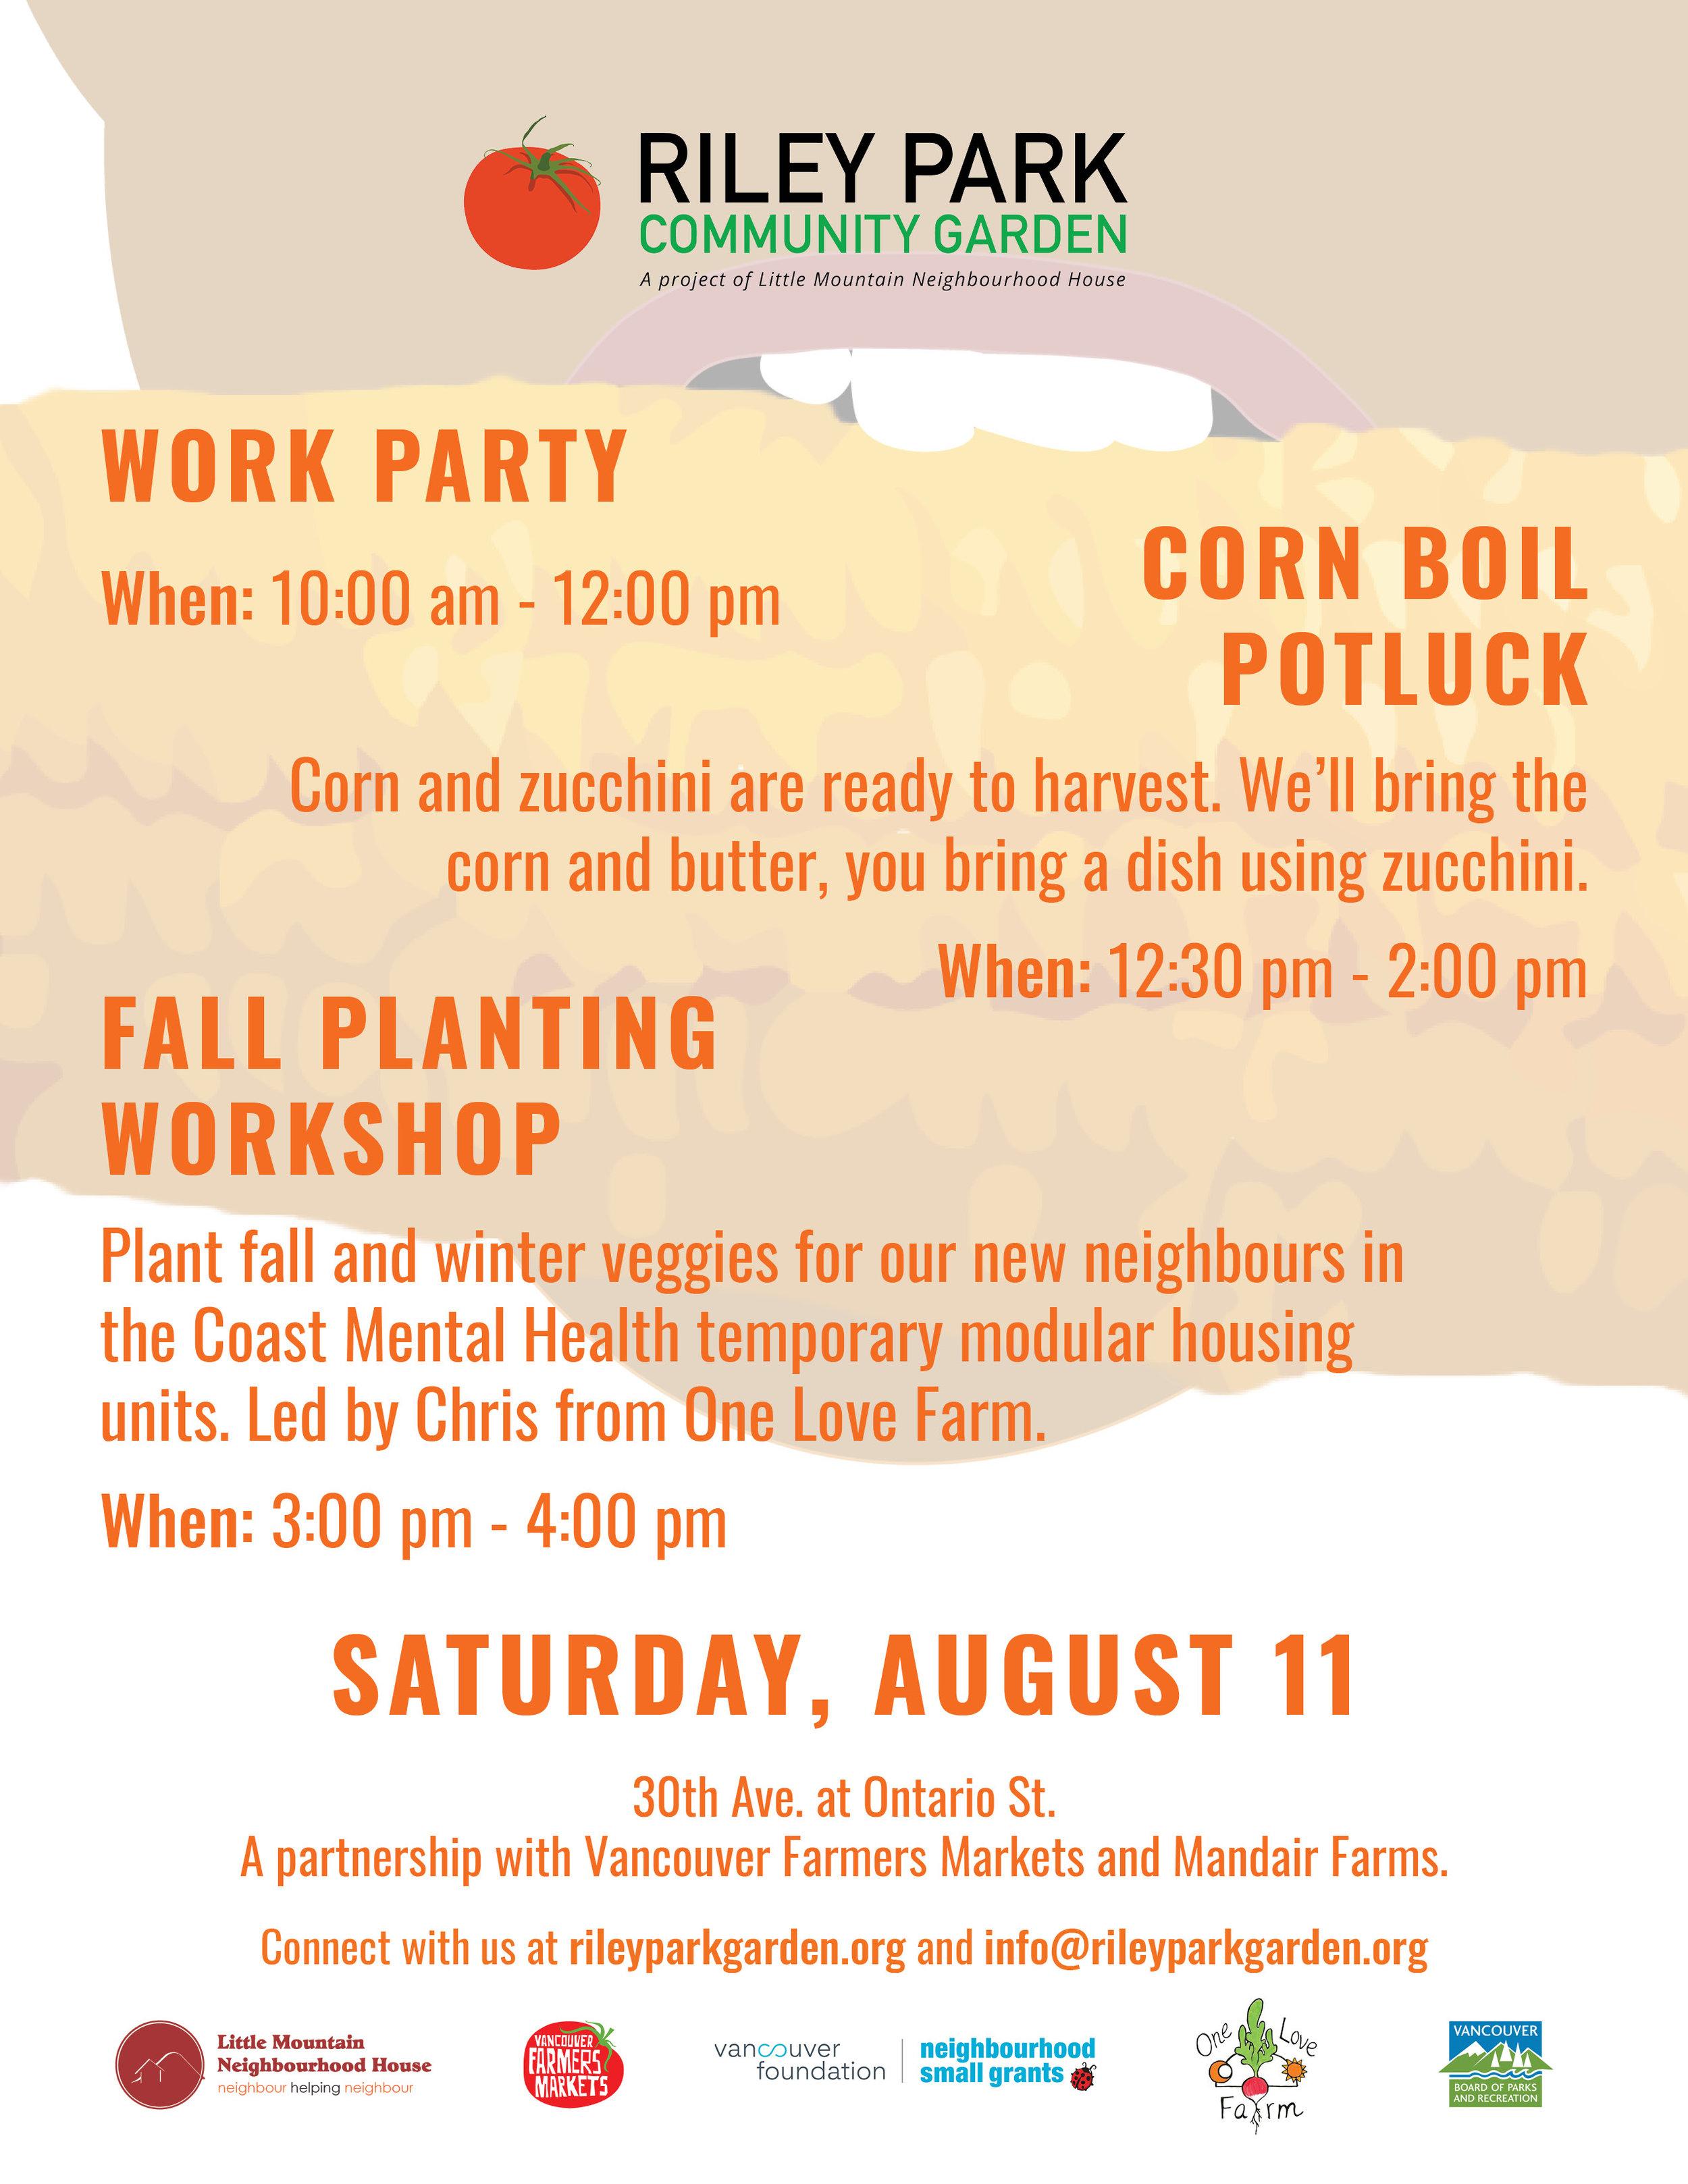 180801 FINAL 3 AUG 11 Corn Boil Poster_v2wl .jpg